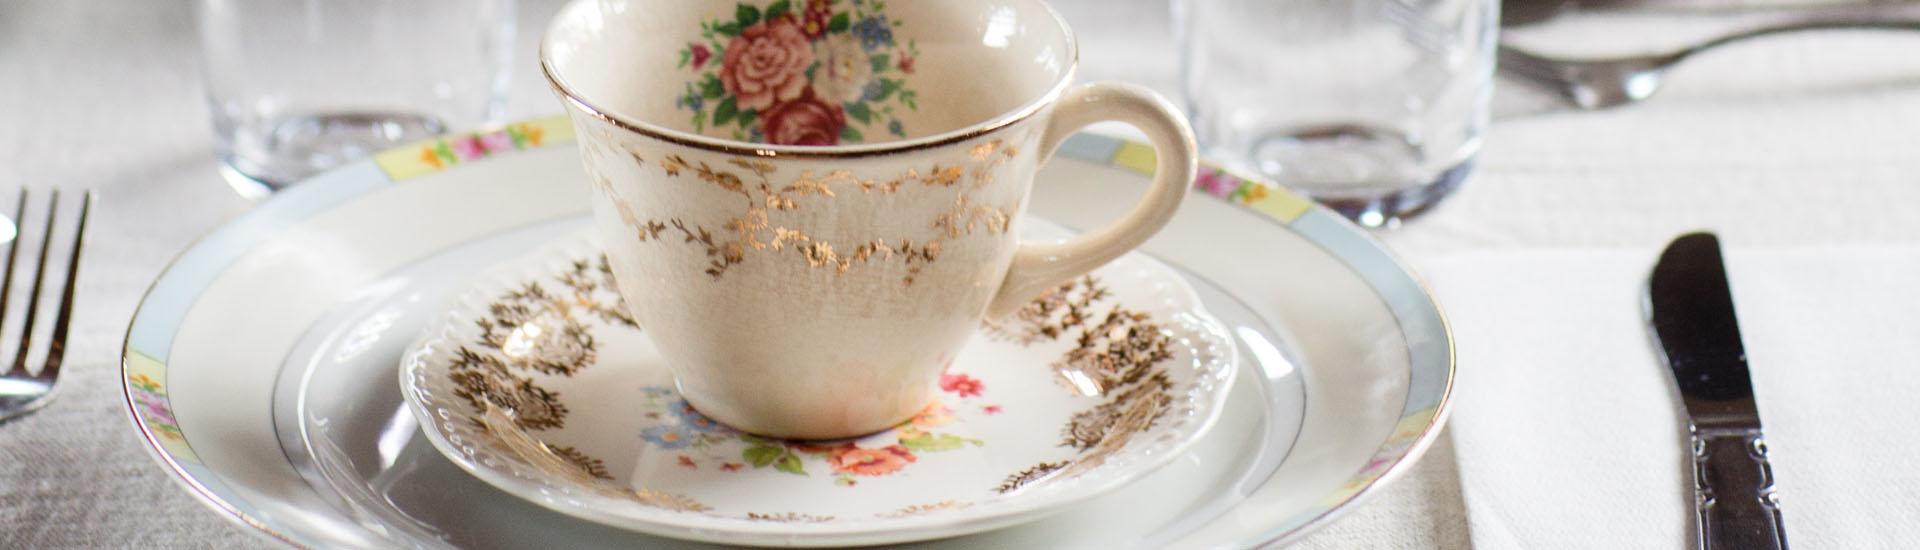 Planificación de eventos sociales y corporativos con té